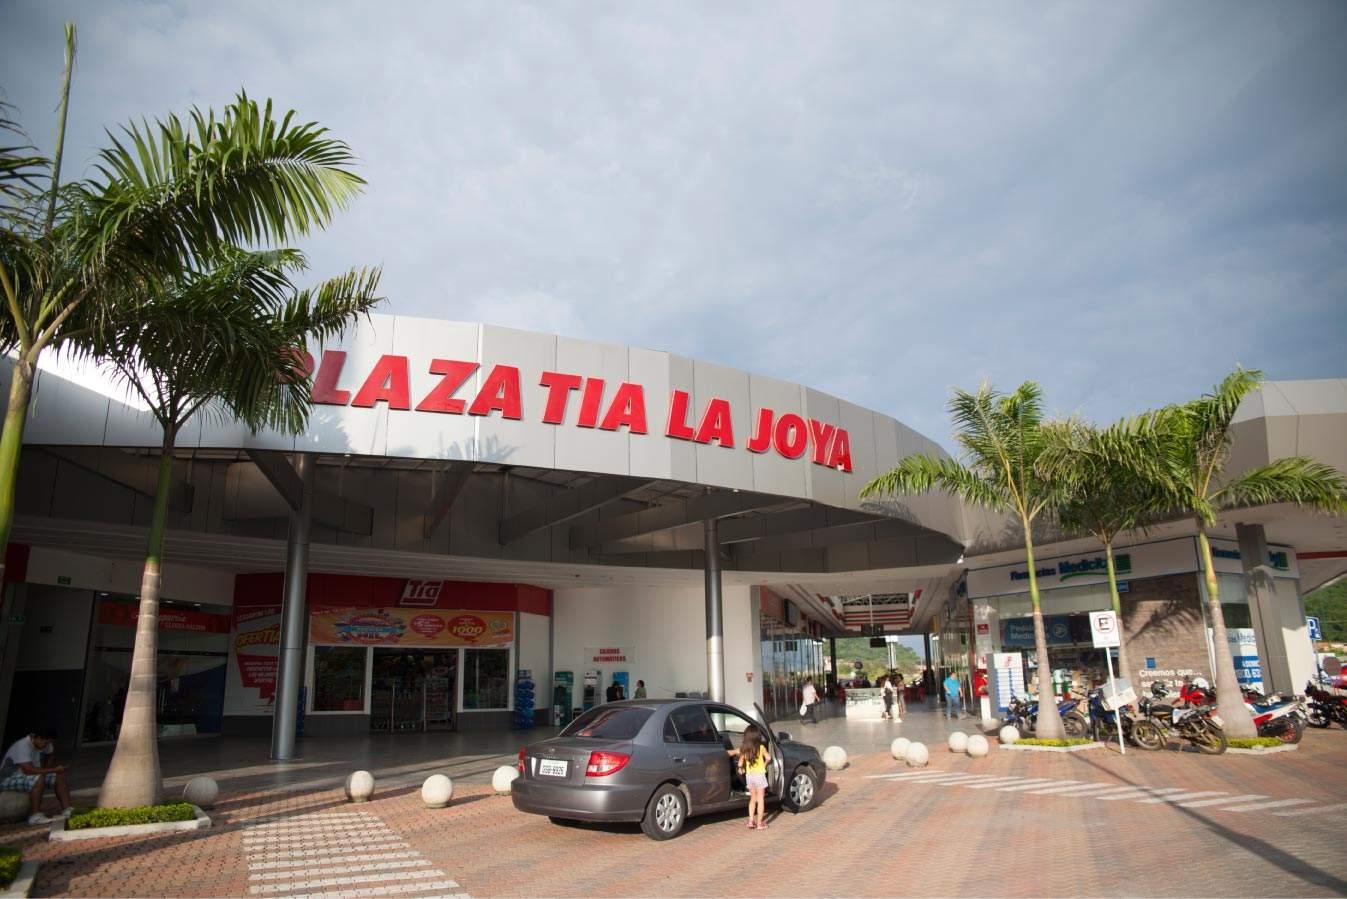 plaza tia - ¿Ya conoces los mejores lugares de La Joya?